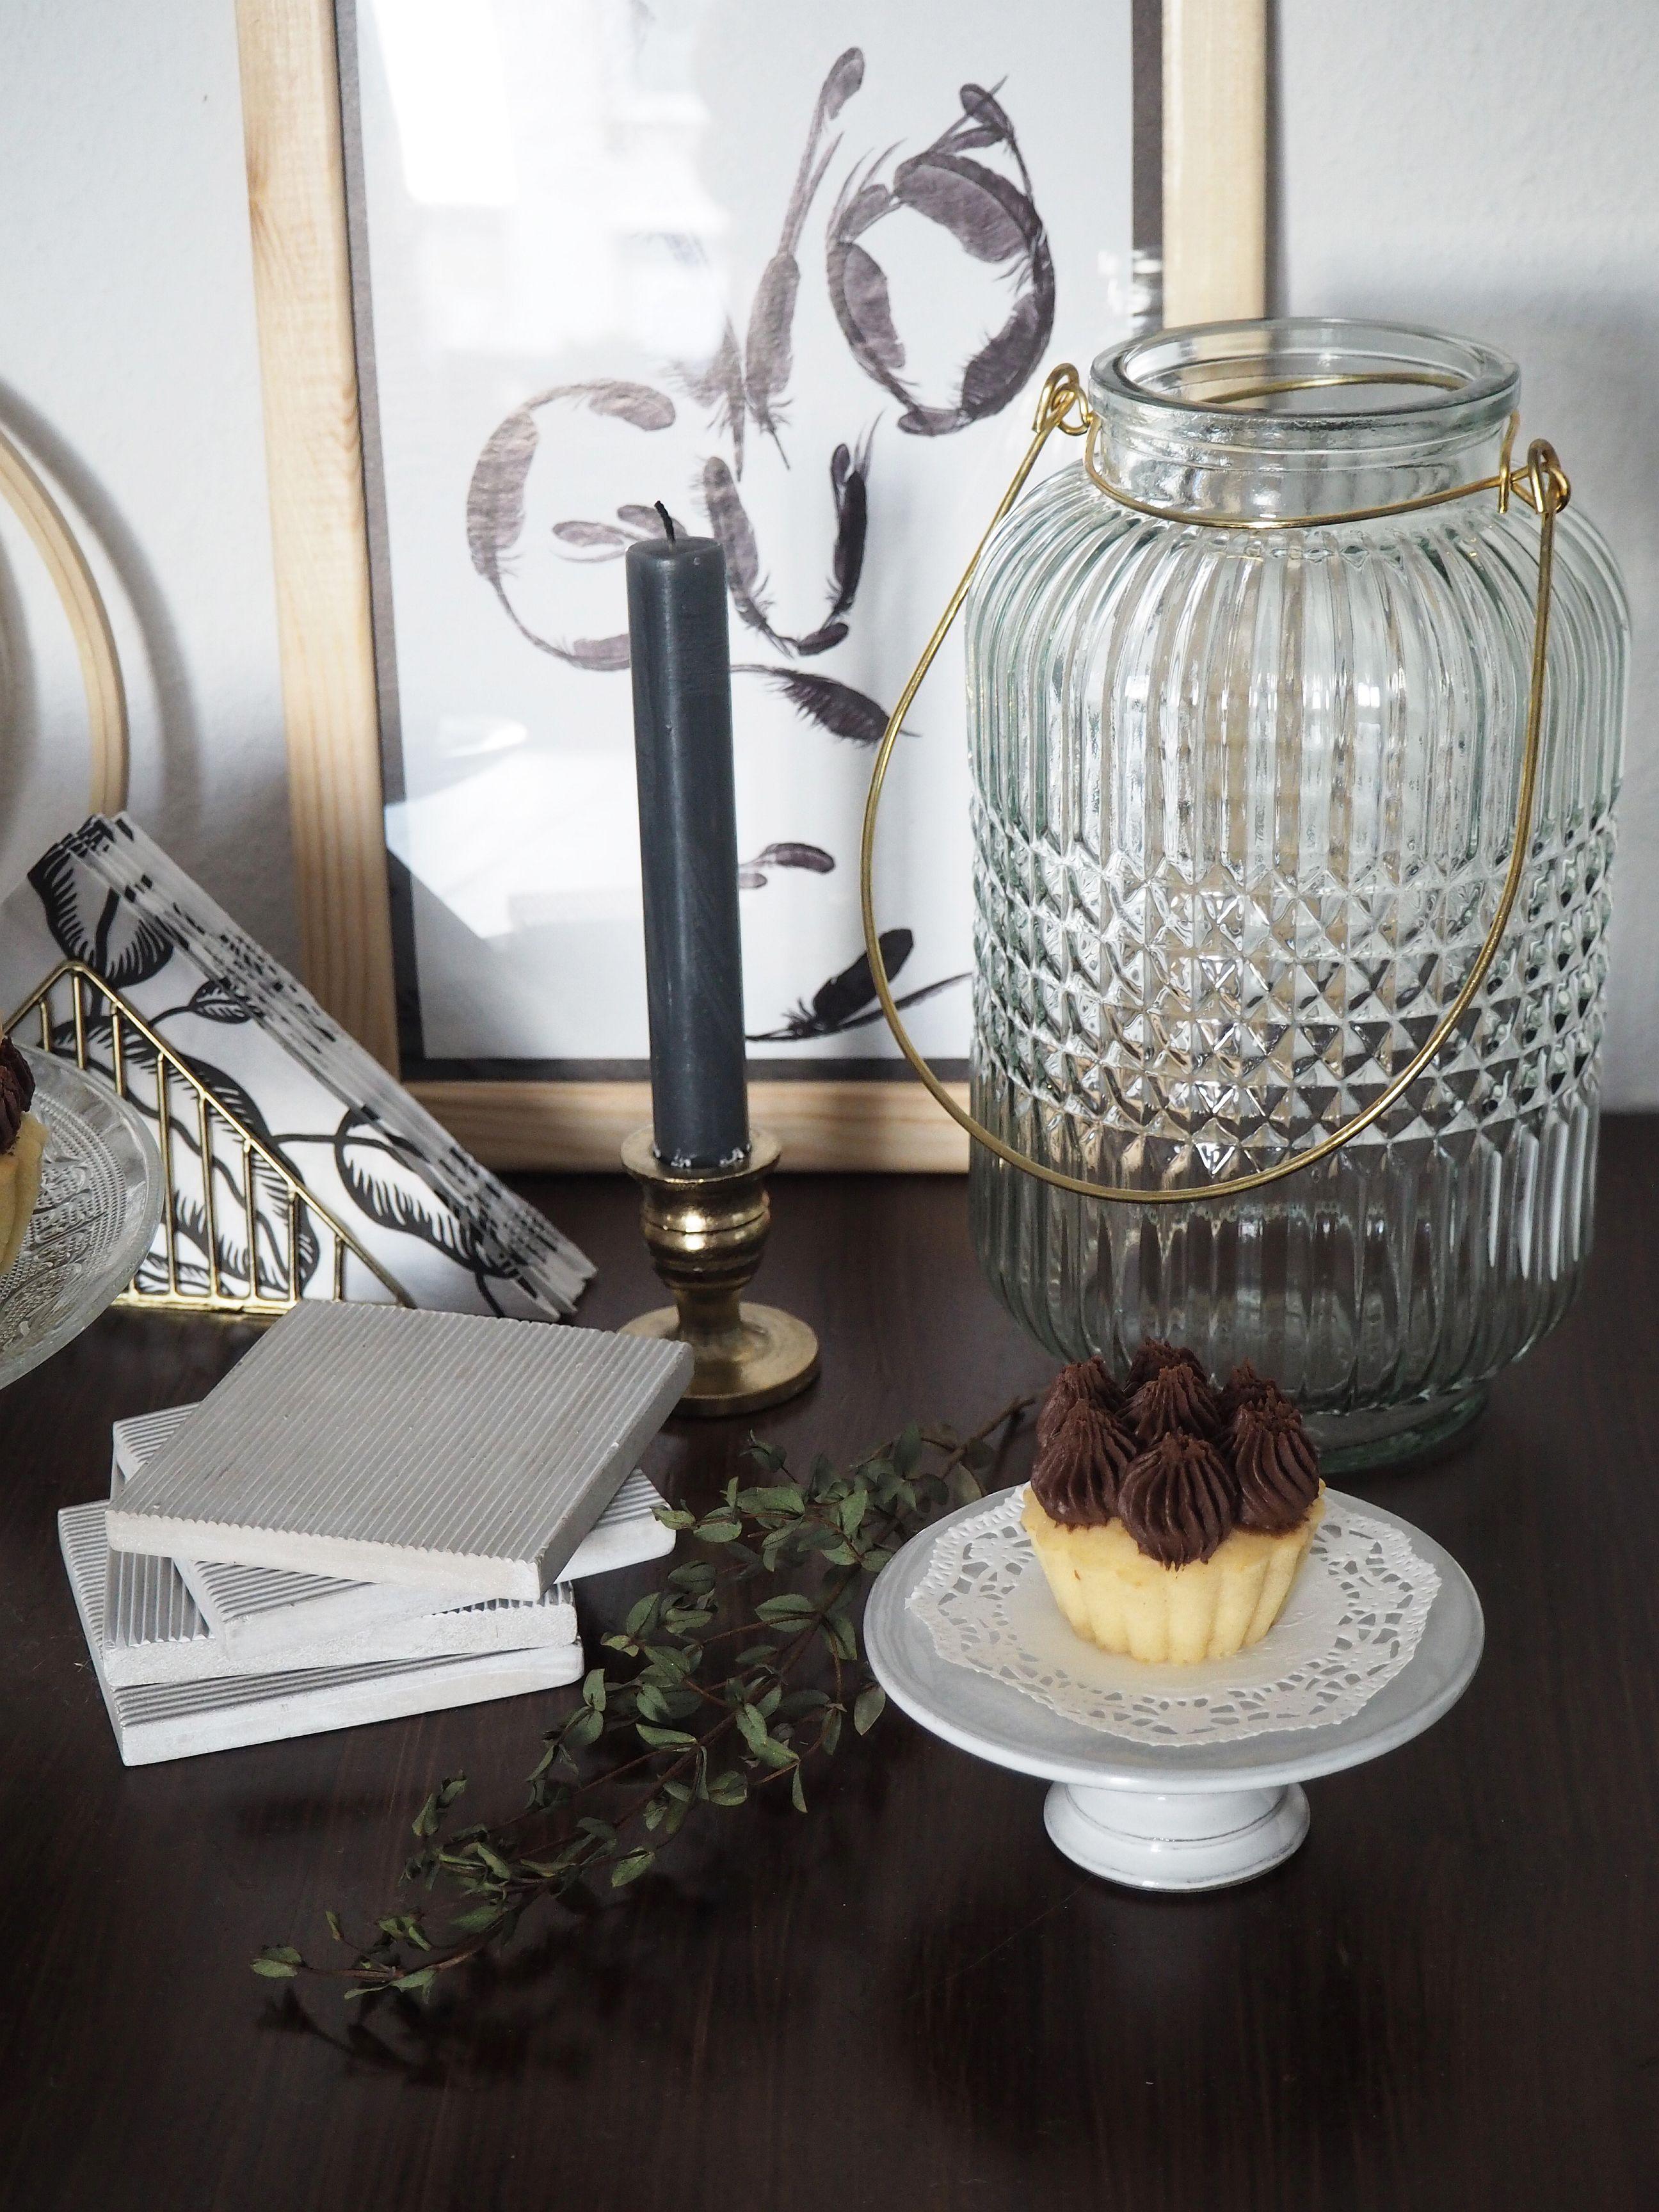 2018-01-skoen-och-kreativ-food-cookies-cake-love-vanilla-chocolate-cupcakes (3)